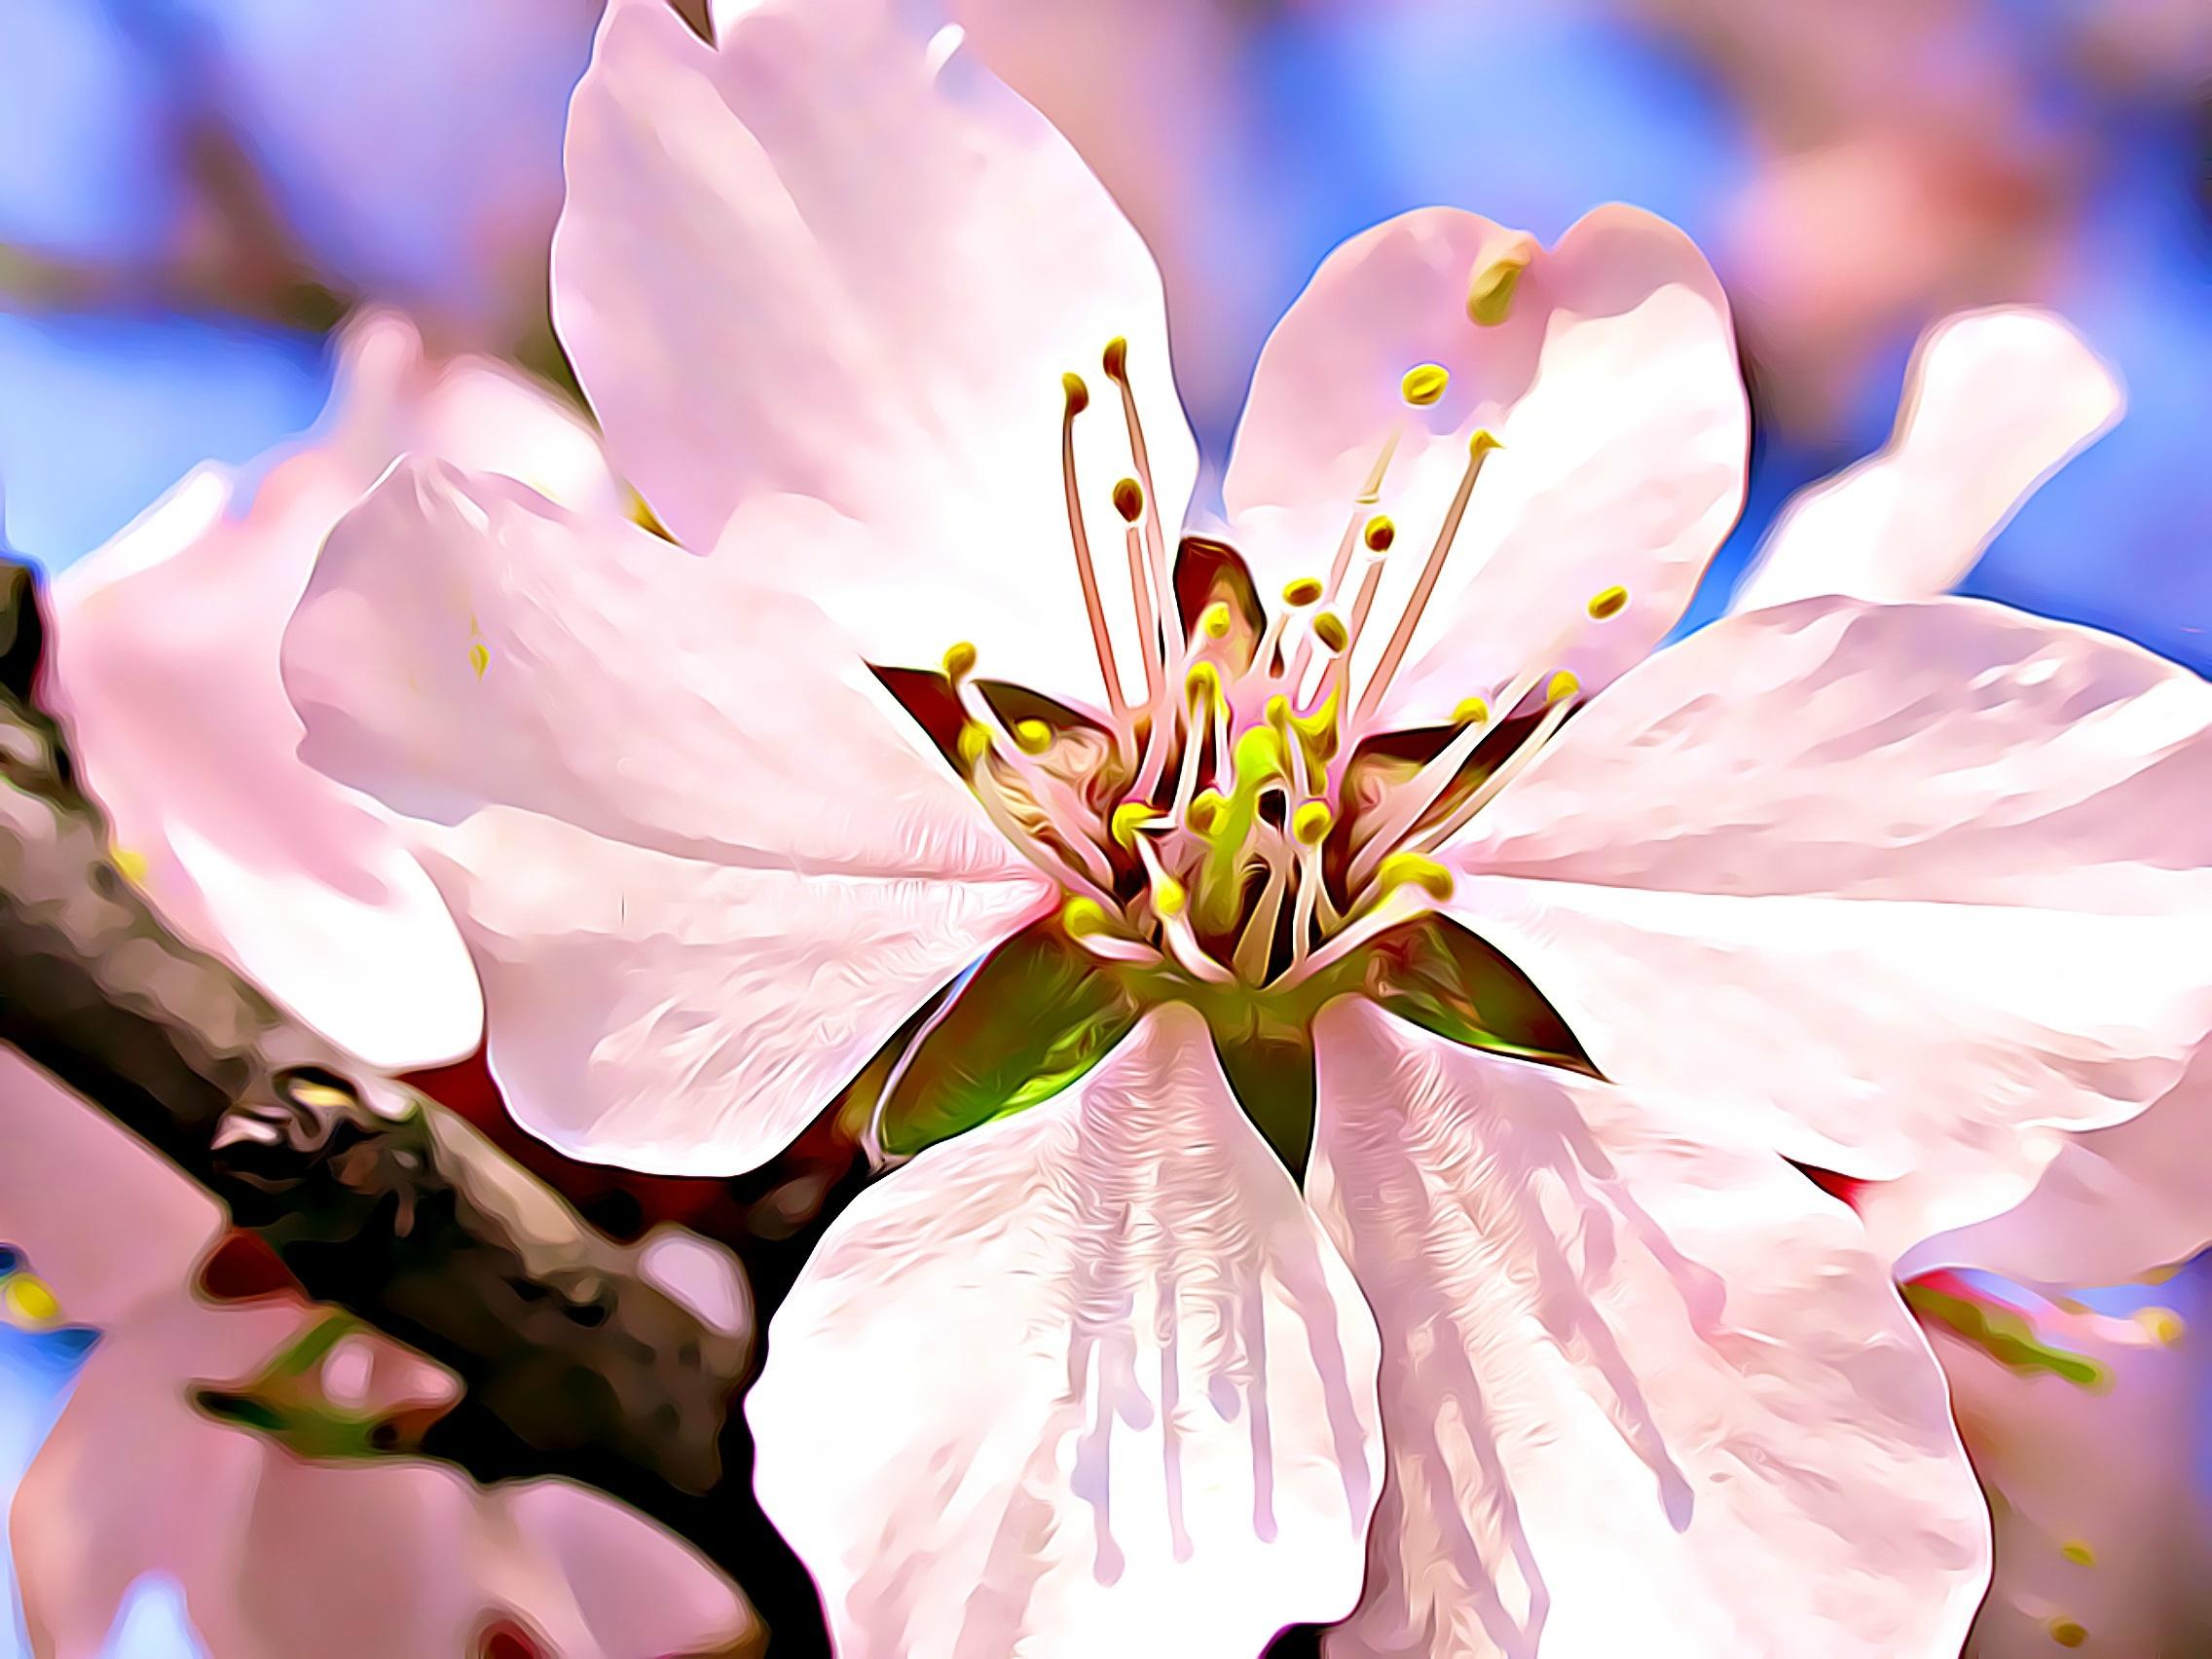 Fotoğraf Ağaç Doğa şube çiçek Fotoğrafçılık Yaprak